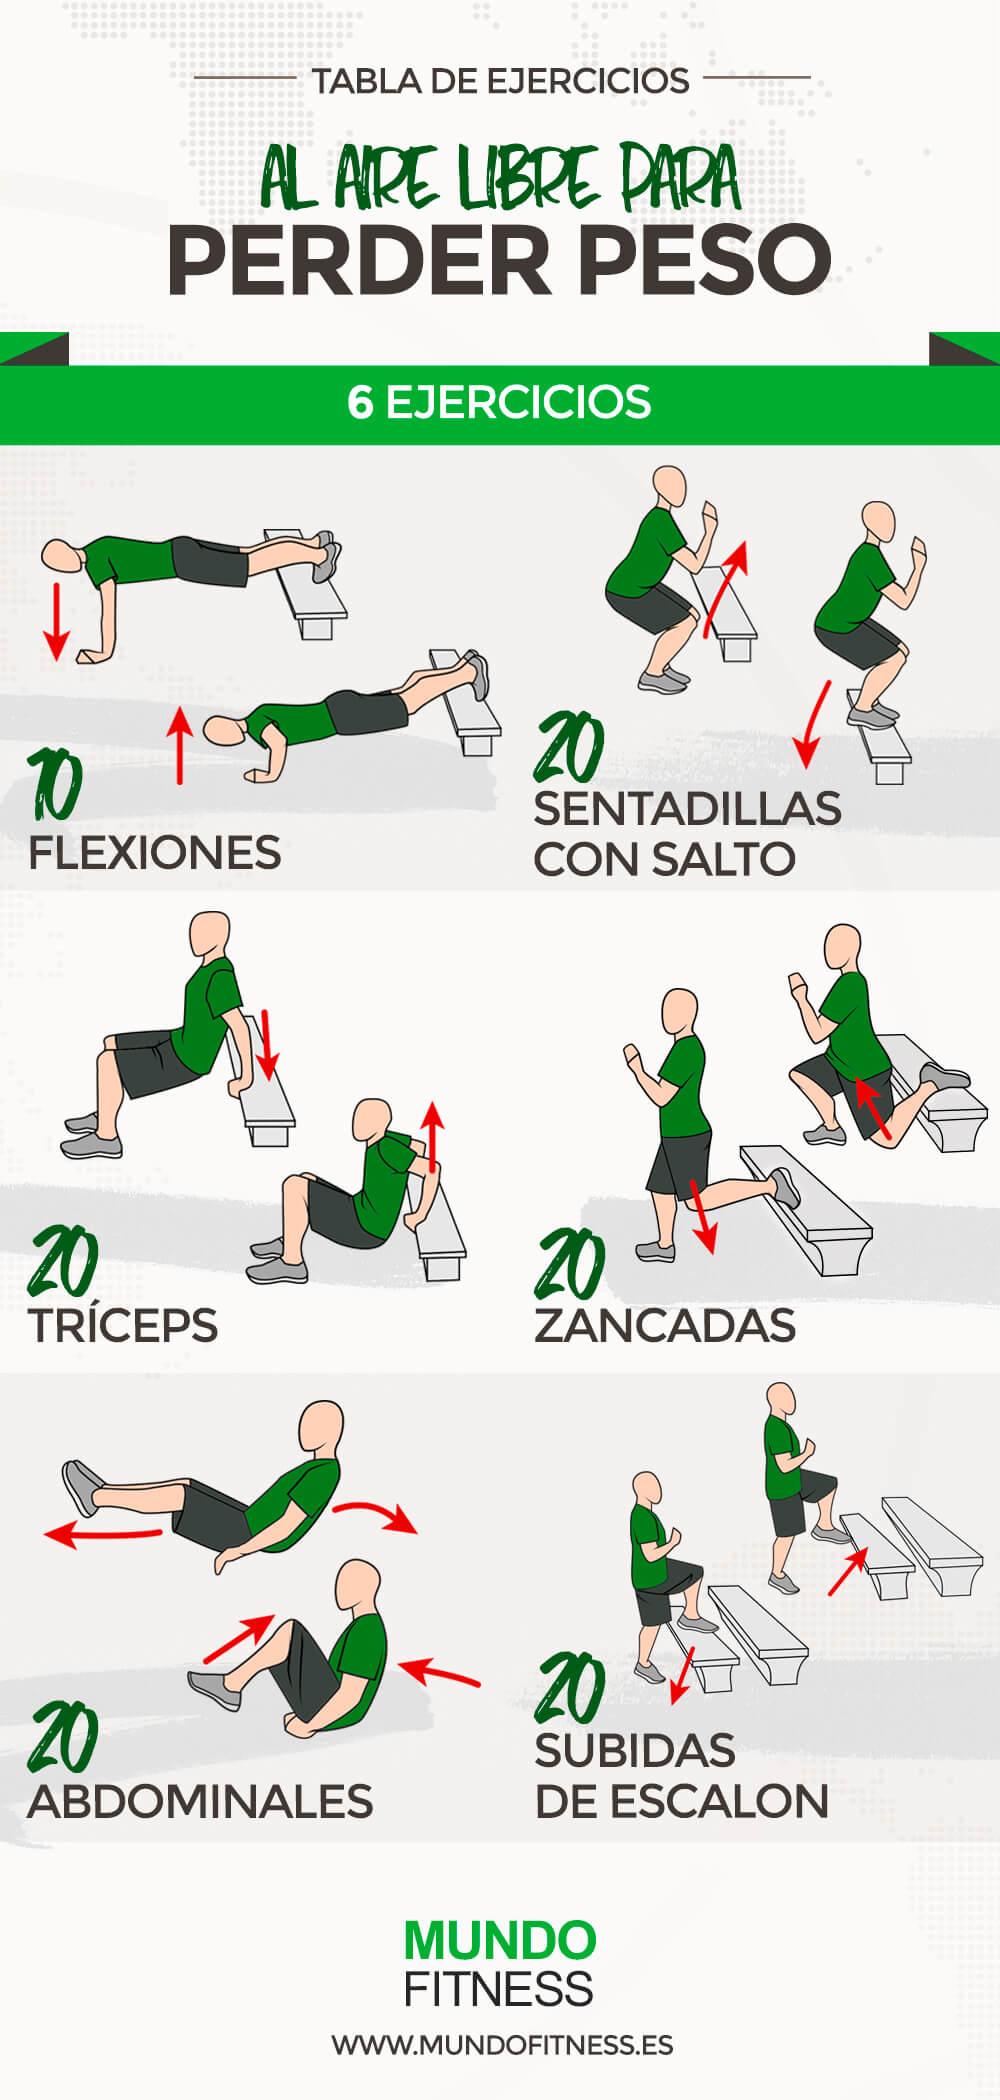 Rutina de ejercicios al aire libre para perder peso infograf a - Plan de entrenamiento en casa ...